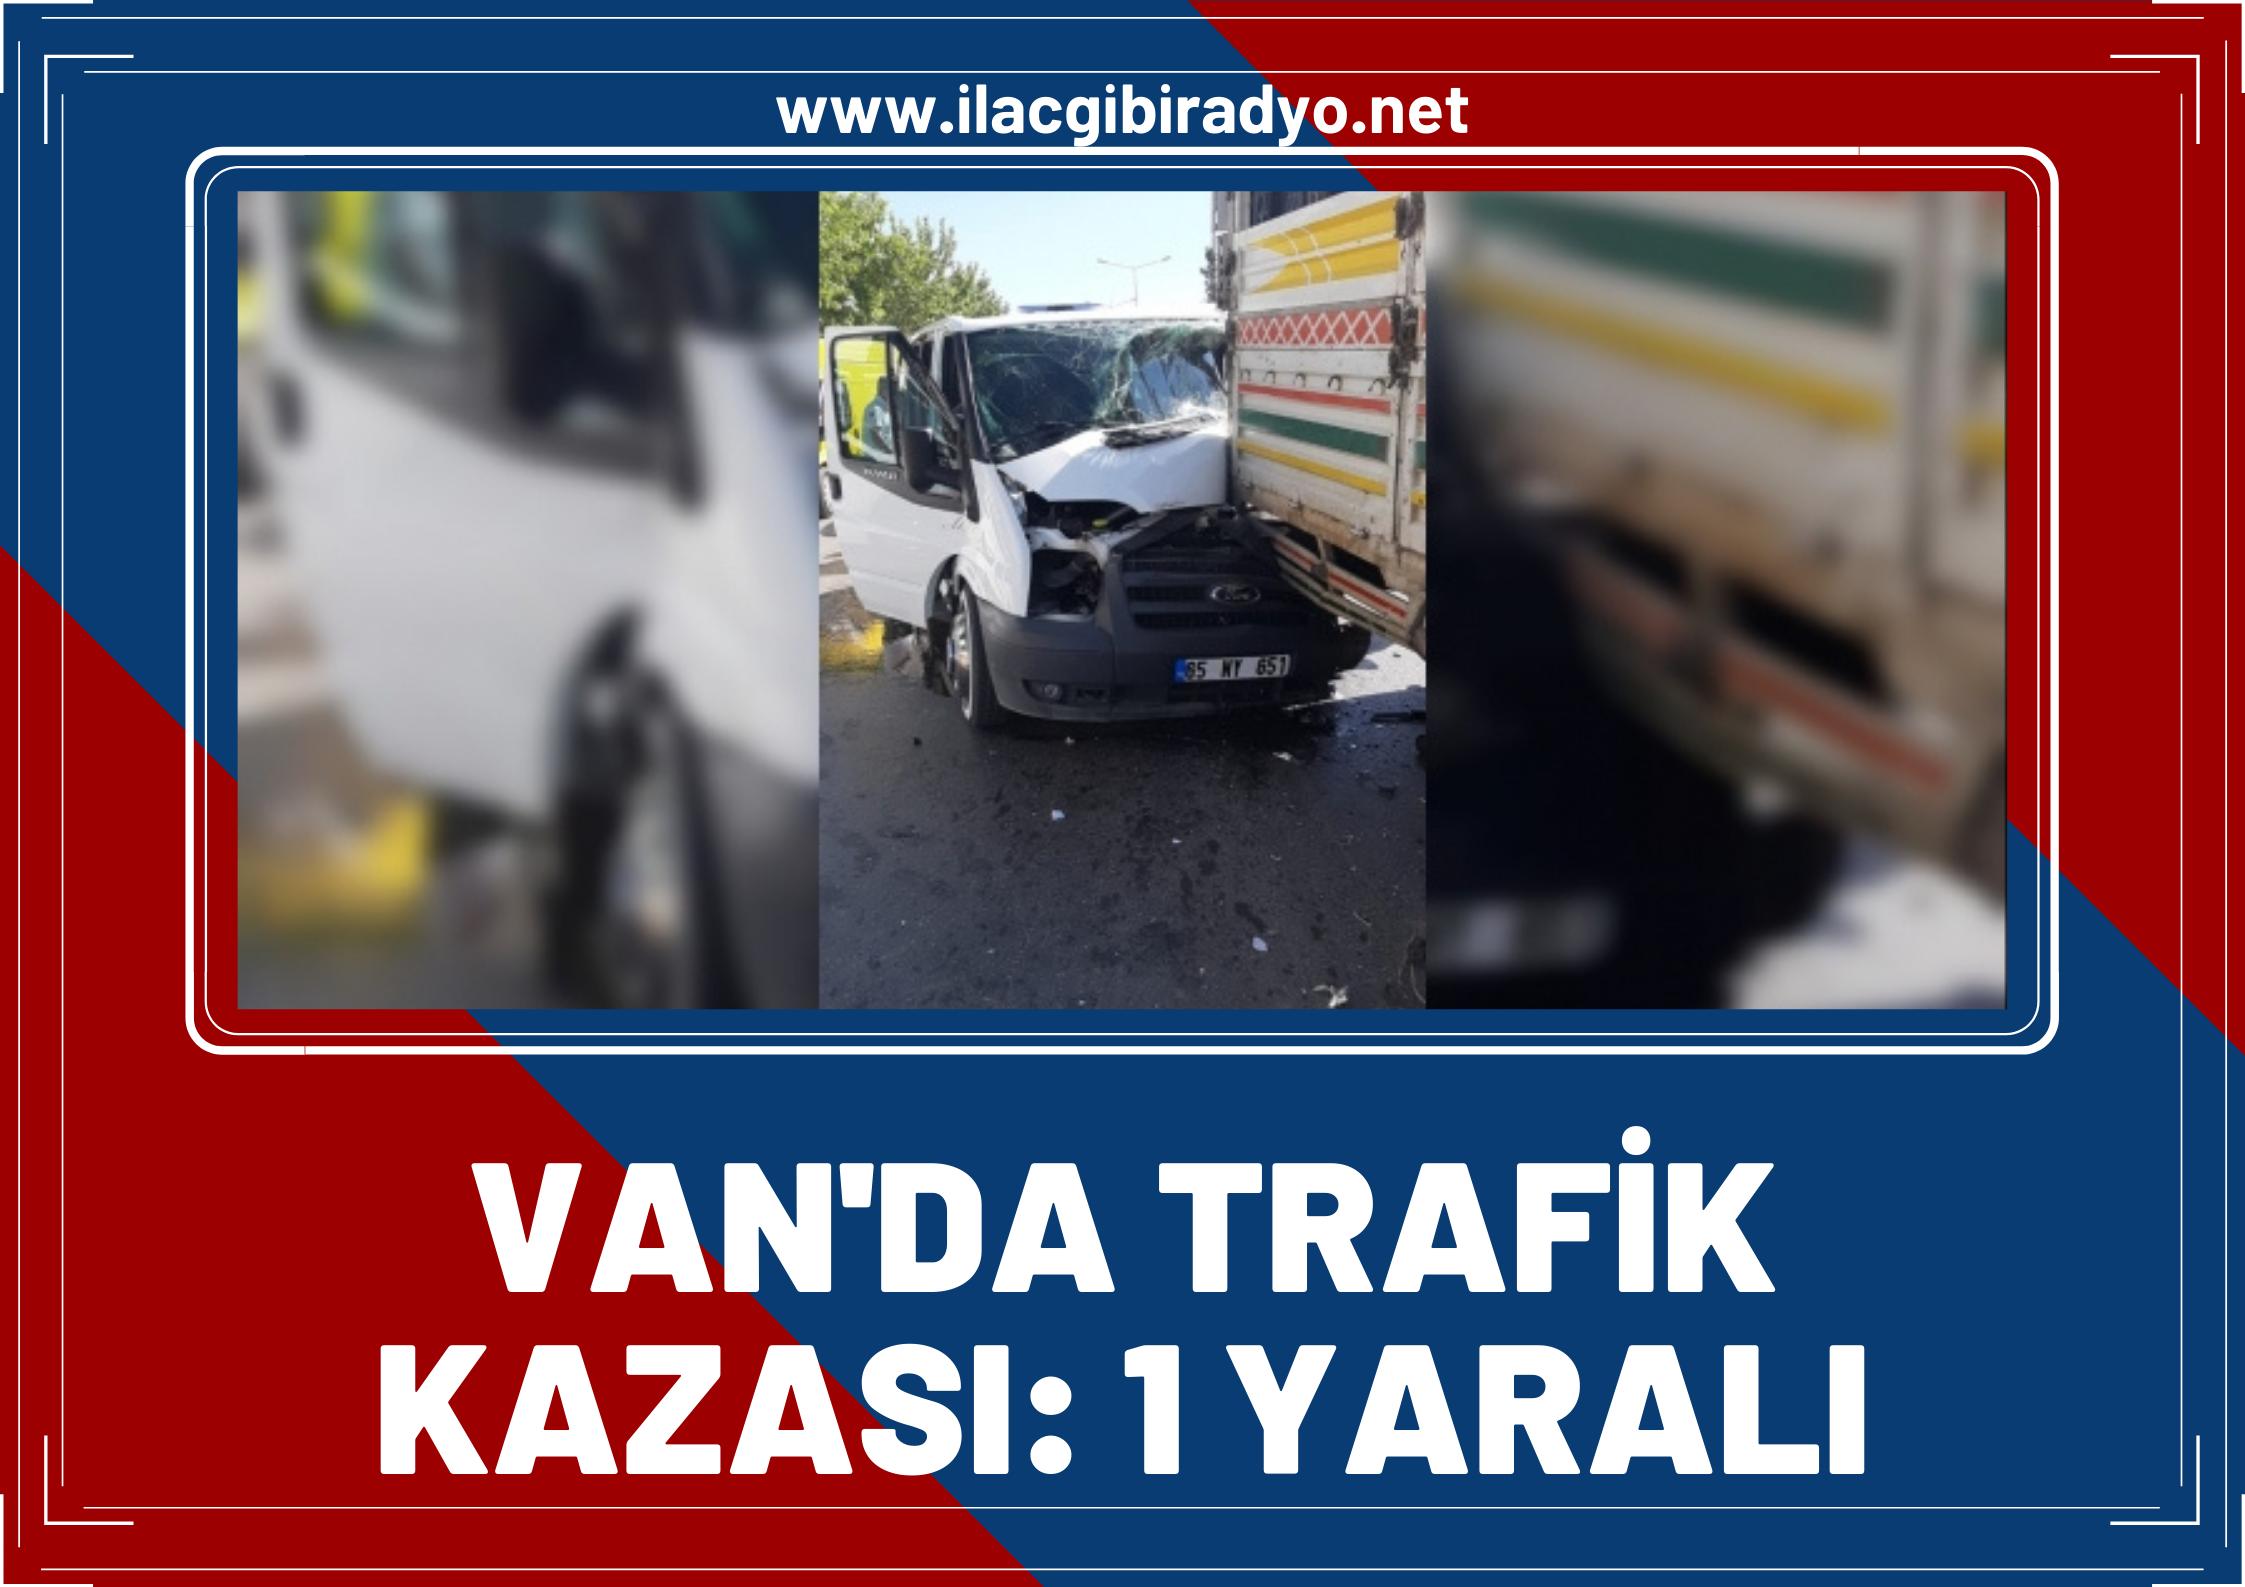 Van'da minibüsle kamyonet çarpıştı: 1 yaralı!